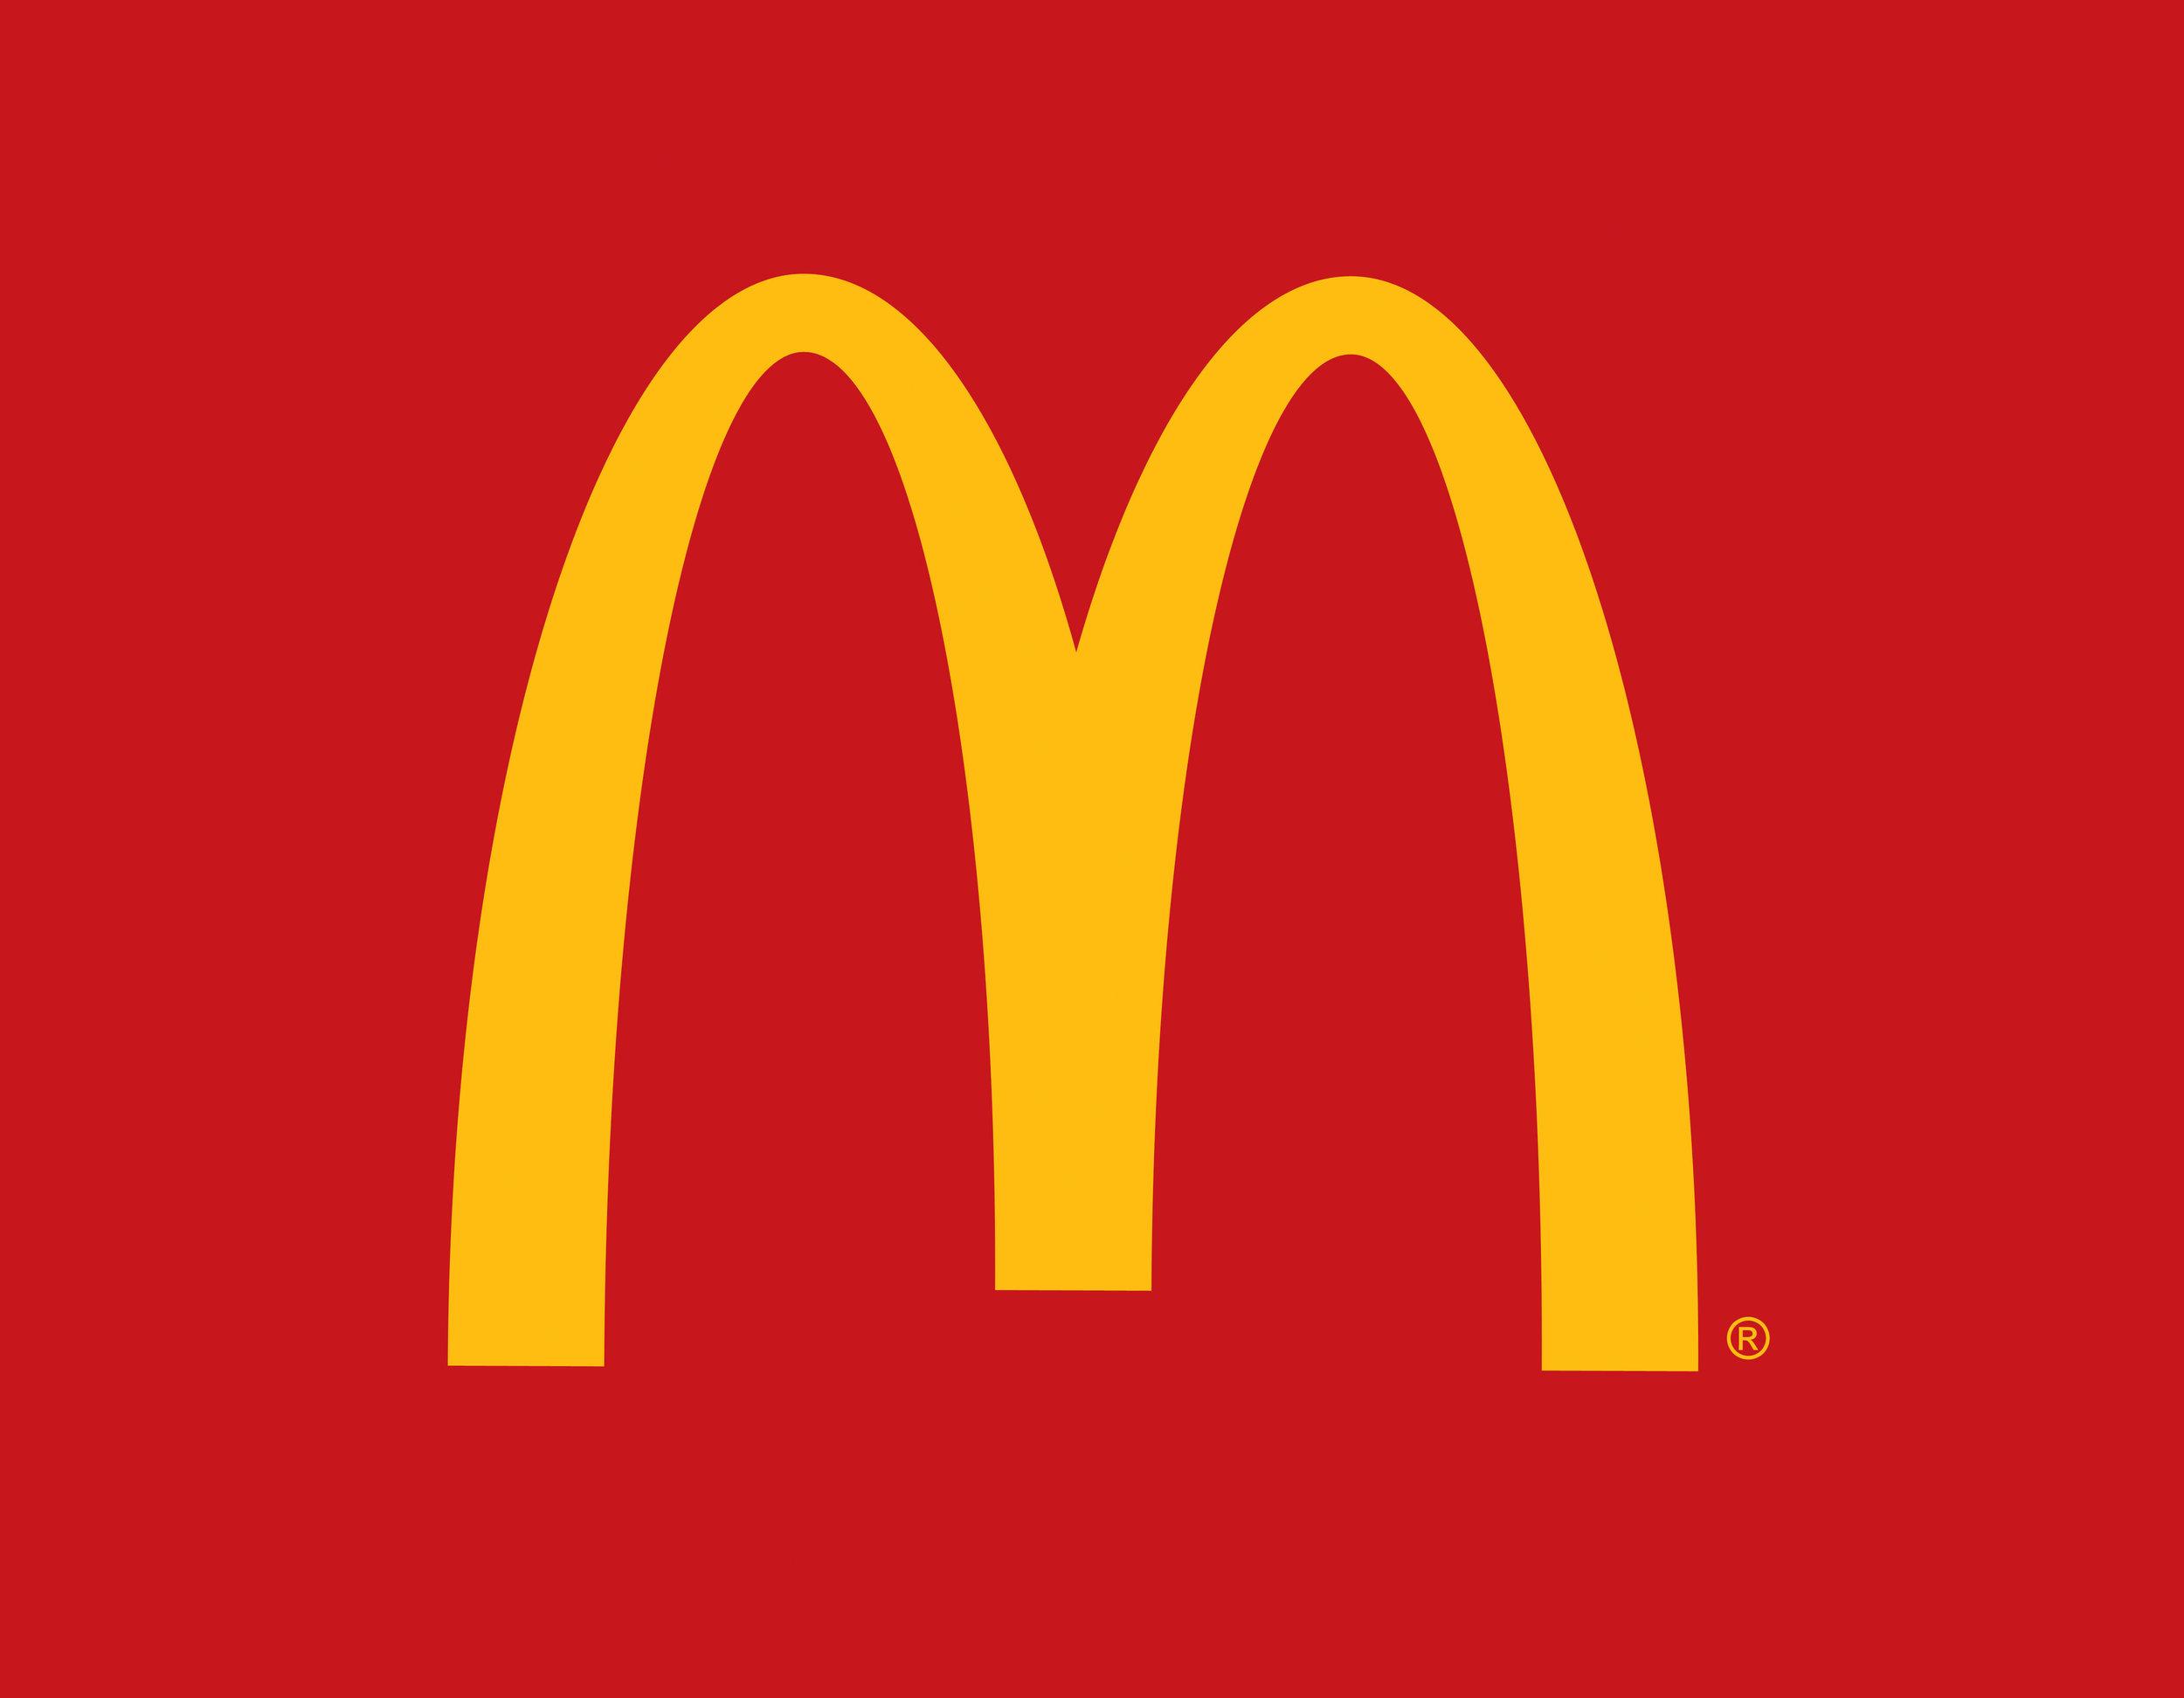 19-mcdonalds-logo.jpg